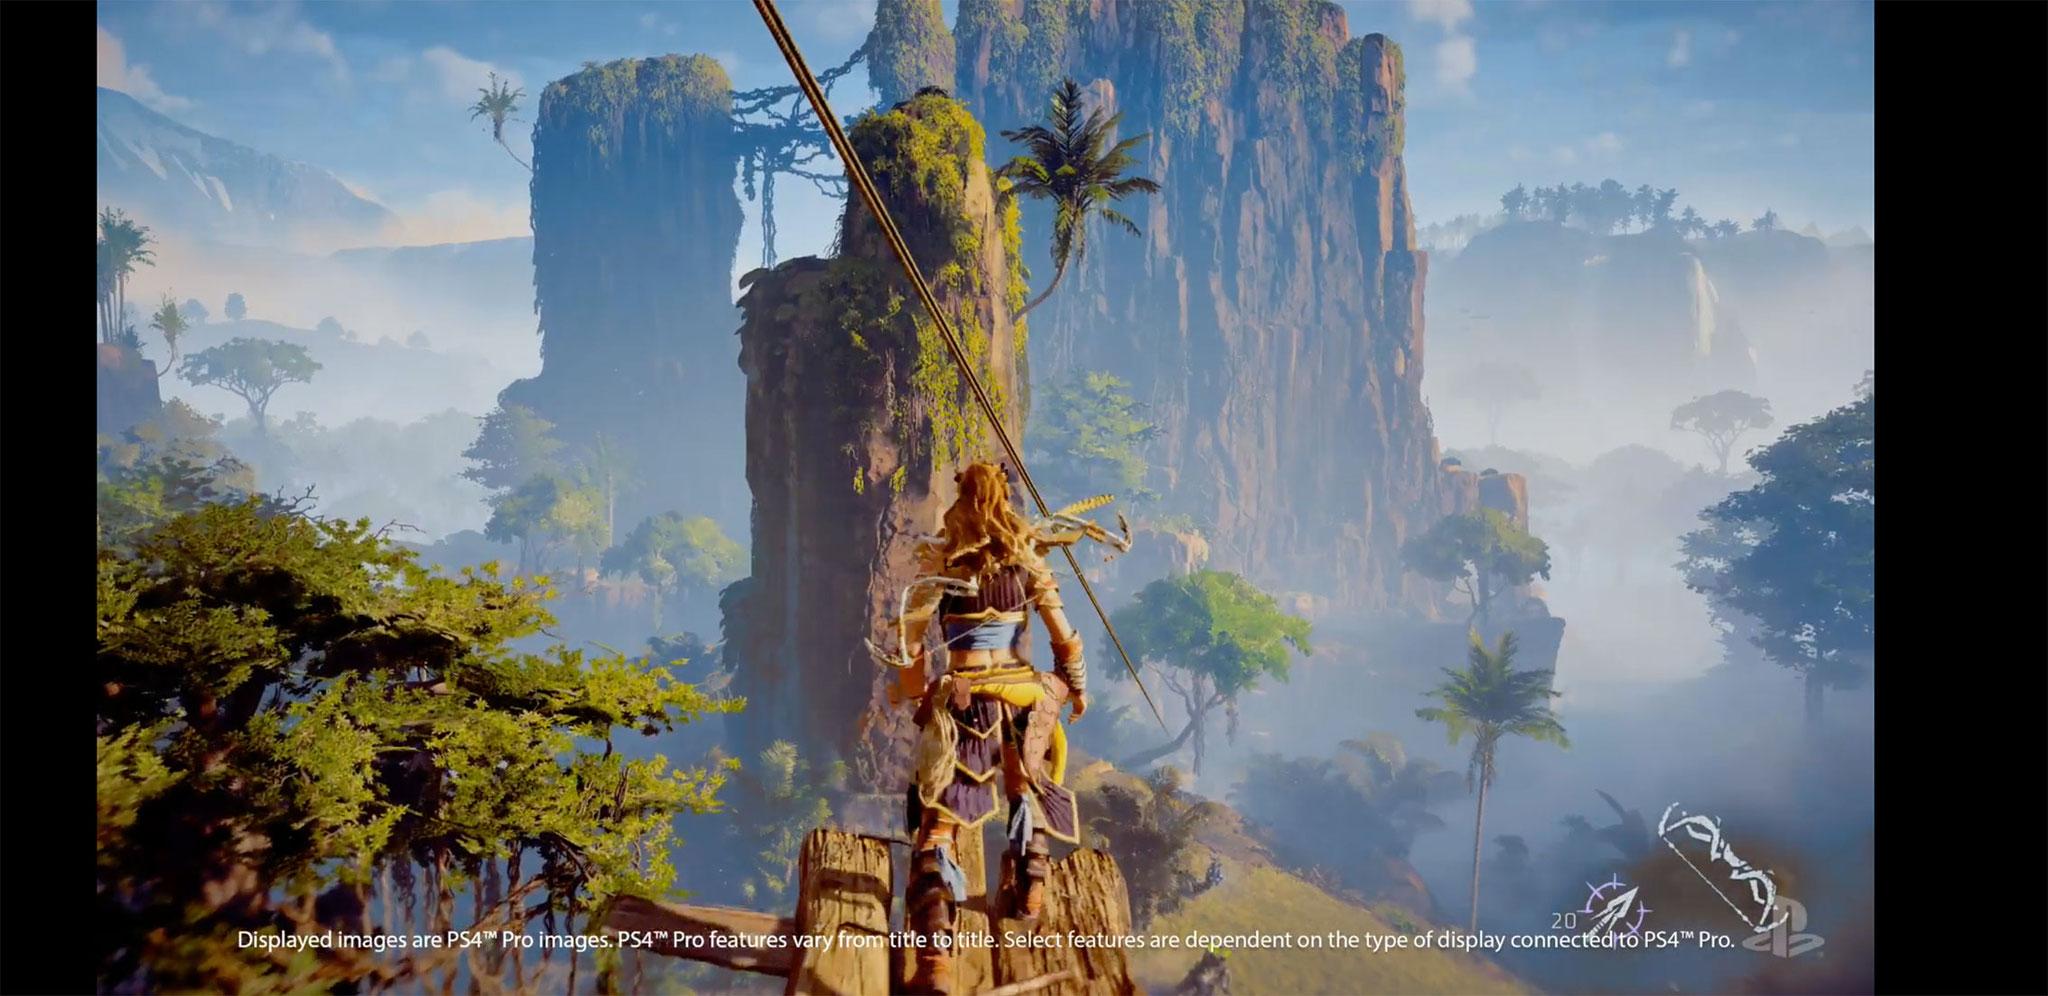 """""""Horizon: Zero Dawn"""" wurde mit ergänzenden Effekten und verfeinerter Grafik gezeigt: So wollte man illustrieren, dass die """"PS4 Pro"""" auch unter herkömmlicher HD-Auflösung für eine schickere Optik sorgen kann."""